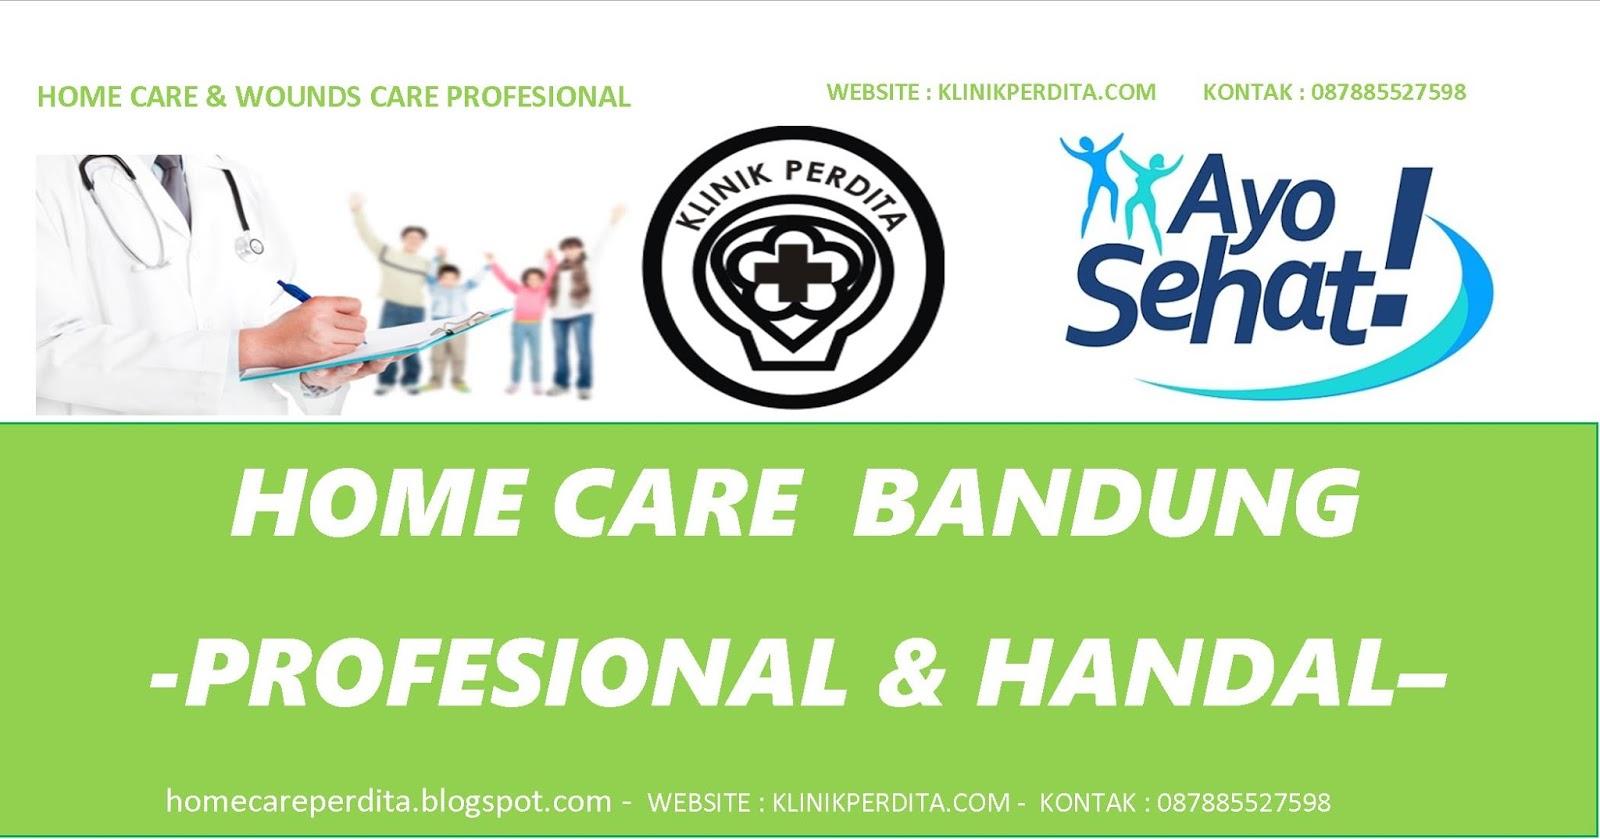 Home Care Di Bandung Klinik Perdita